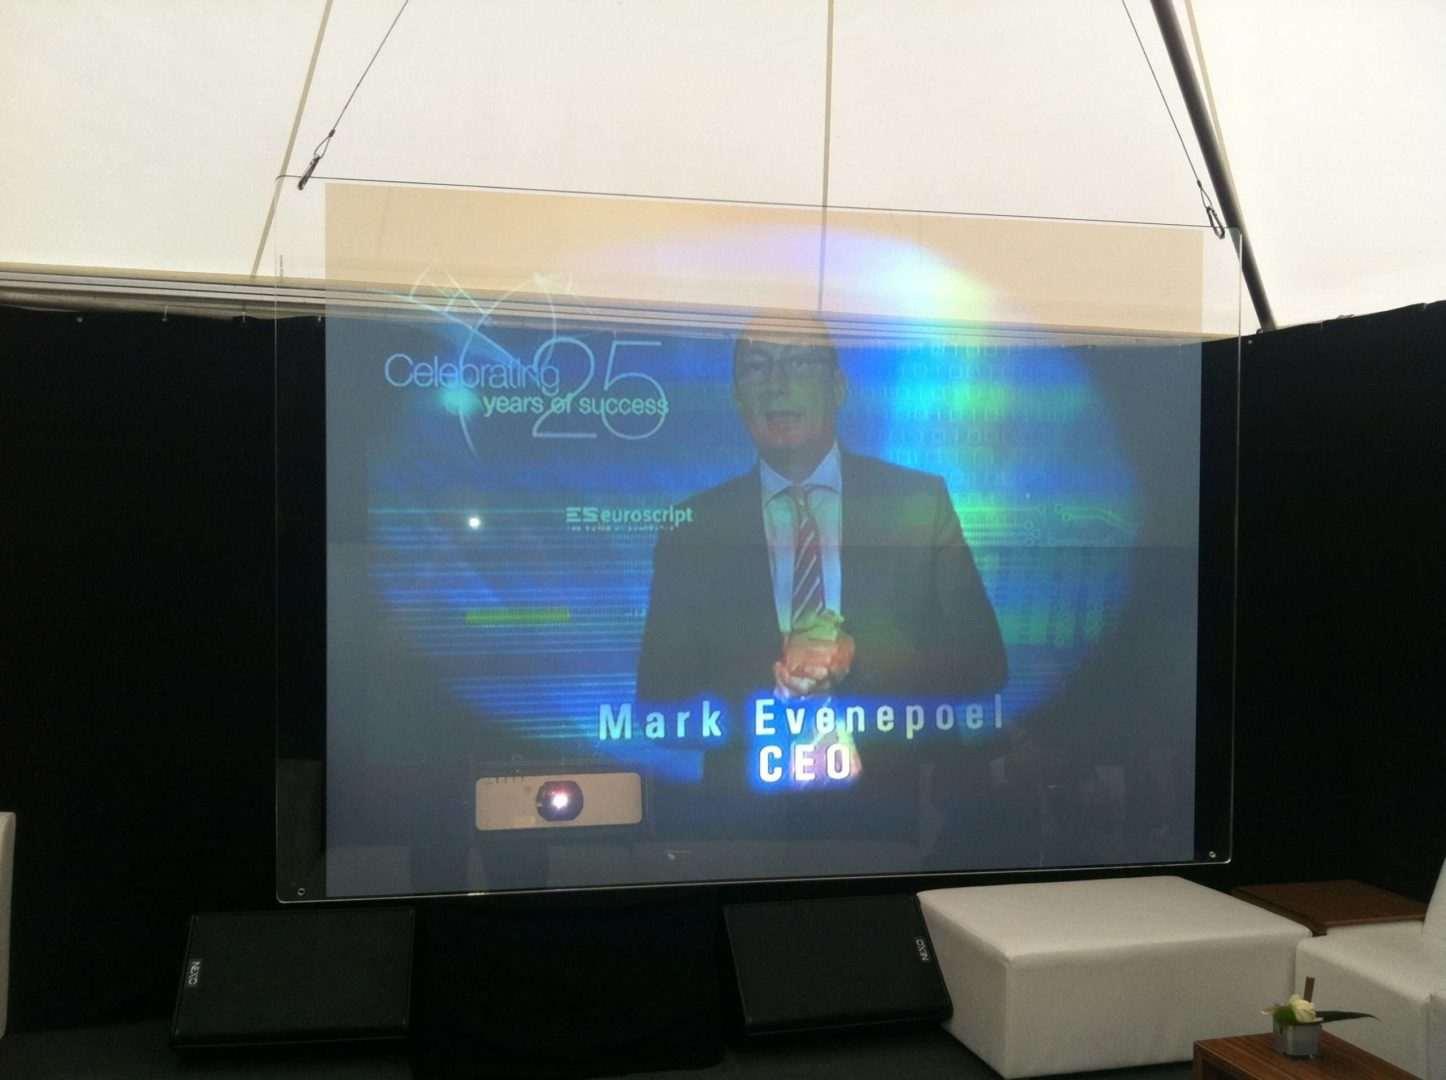 25-ans-euroscript-2009-conférence-écran-anniversaire-évenements